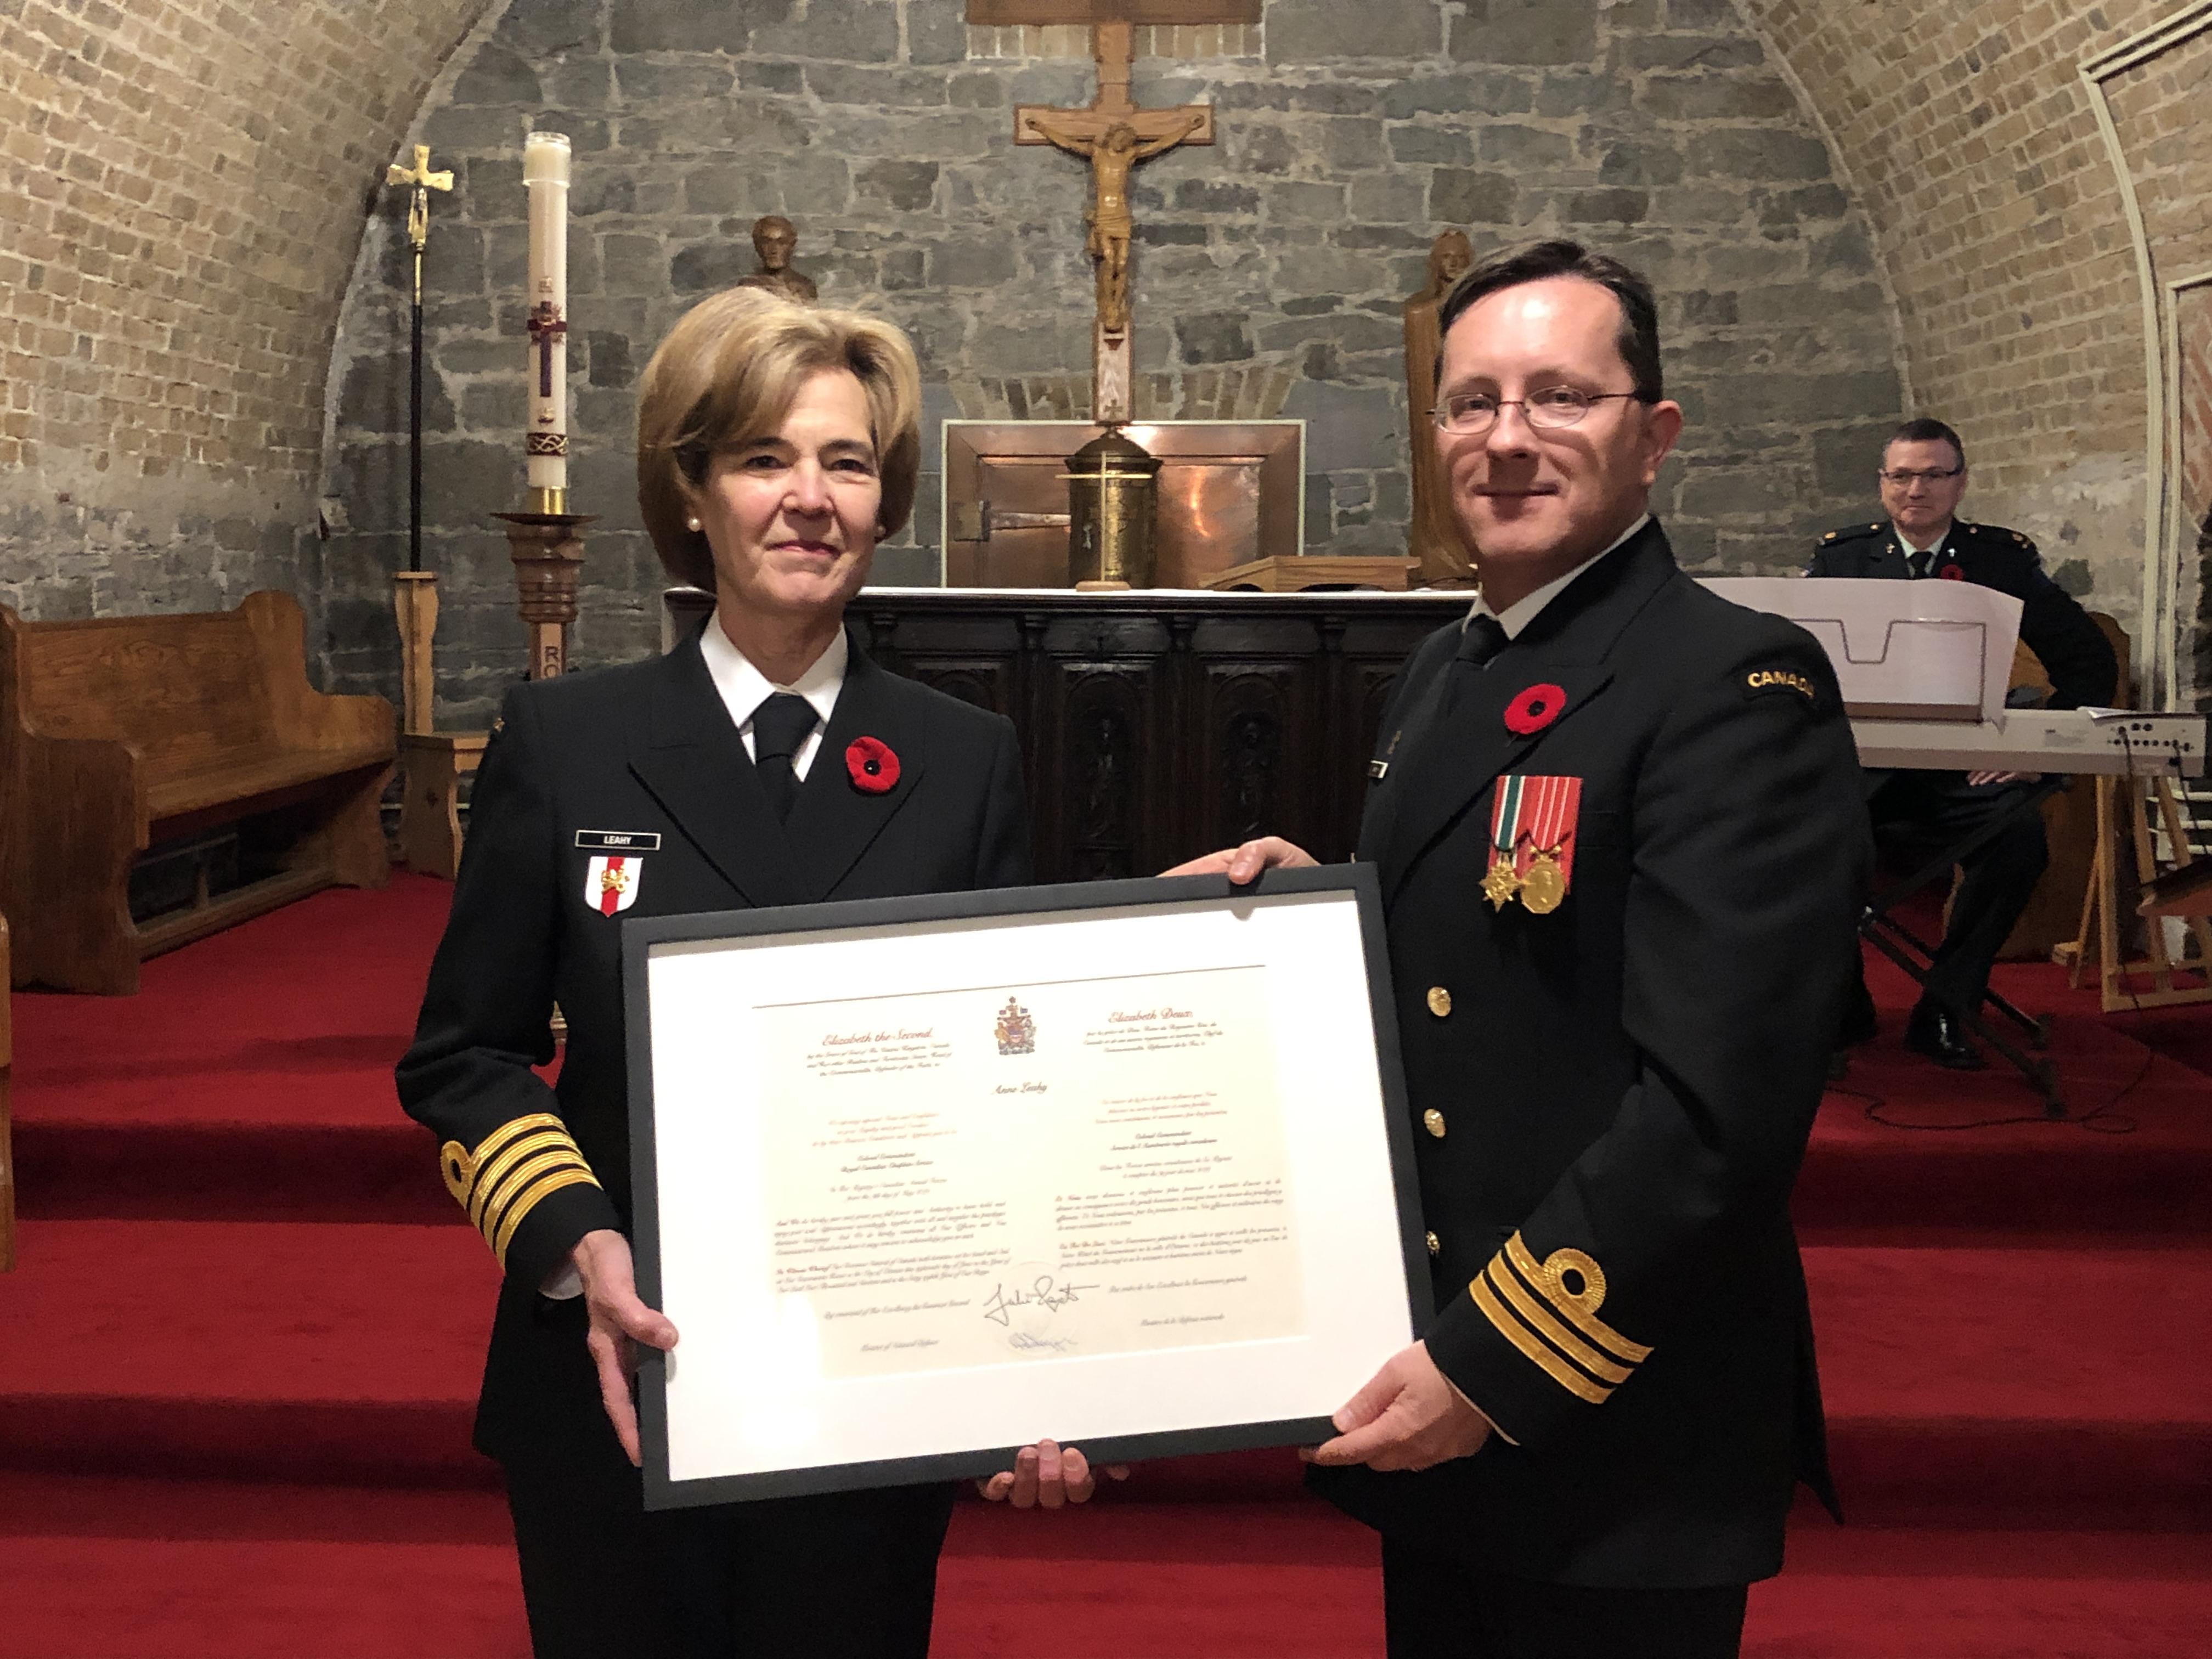 Félicitations à MmeAnne Leahy, fellow de l'IEIM, pour sa nomination au poste de colonel commandant du Service de l'Aumônerie royale canadienne